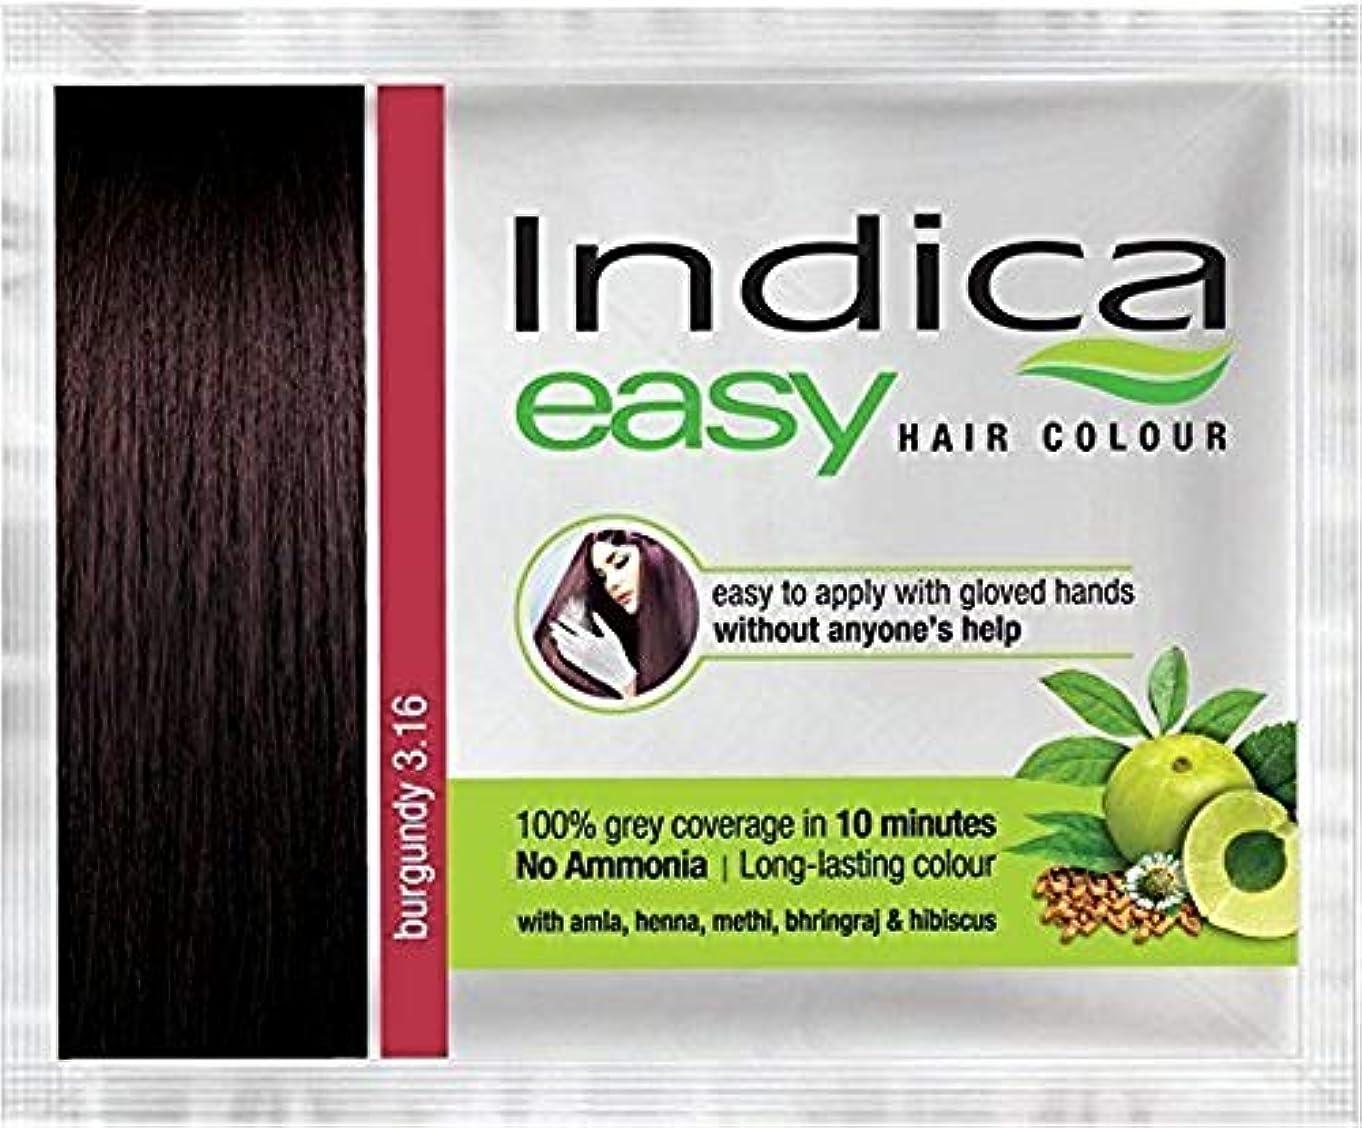 弾丸既婚エレガントNexxa 6Pc Indica Easy10 Minutes Herbal Hair Color Shampoo Base Burgundy Herbs